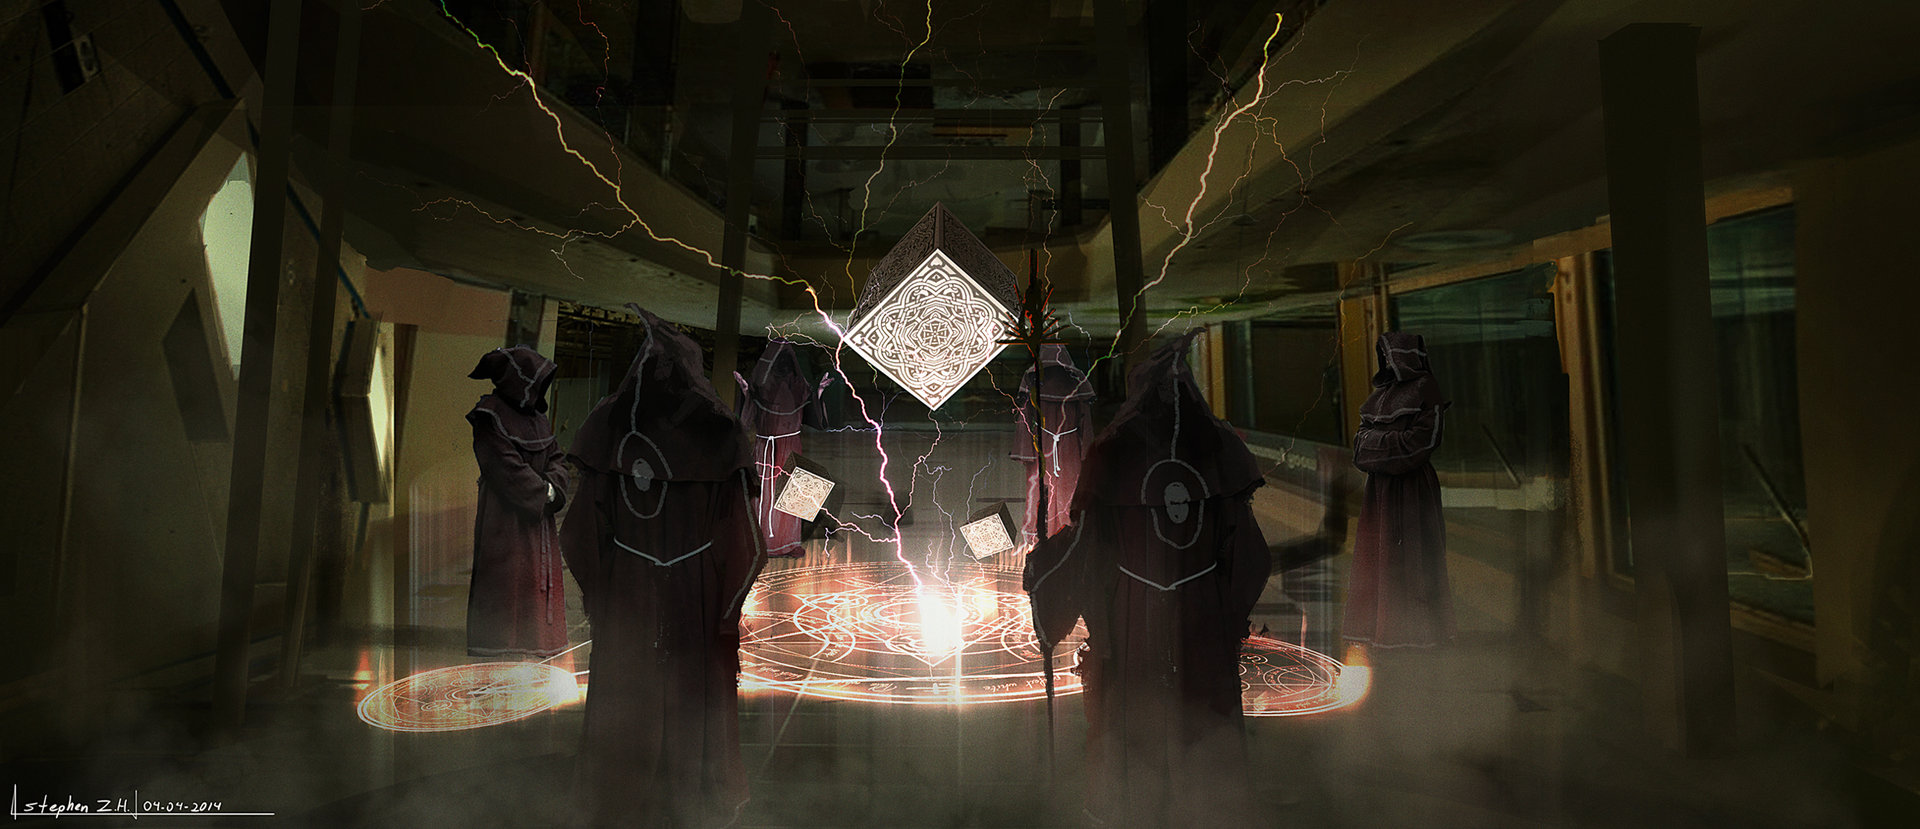 Dark spellcg